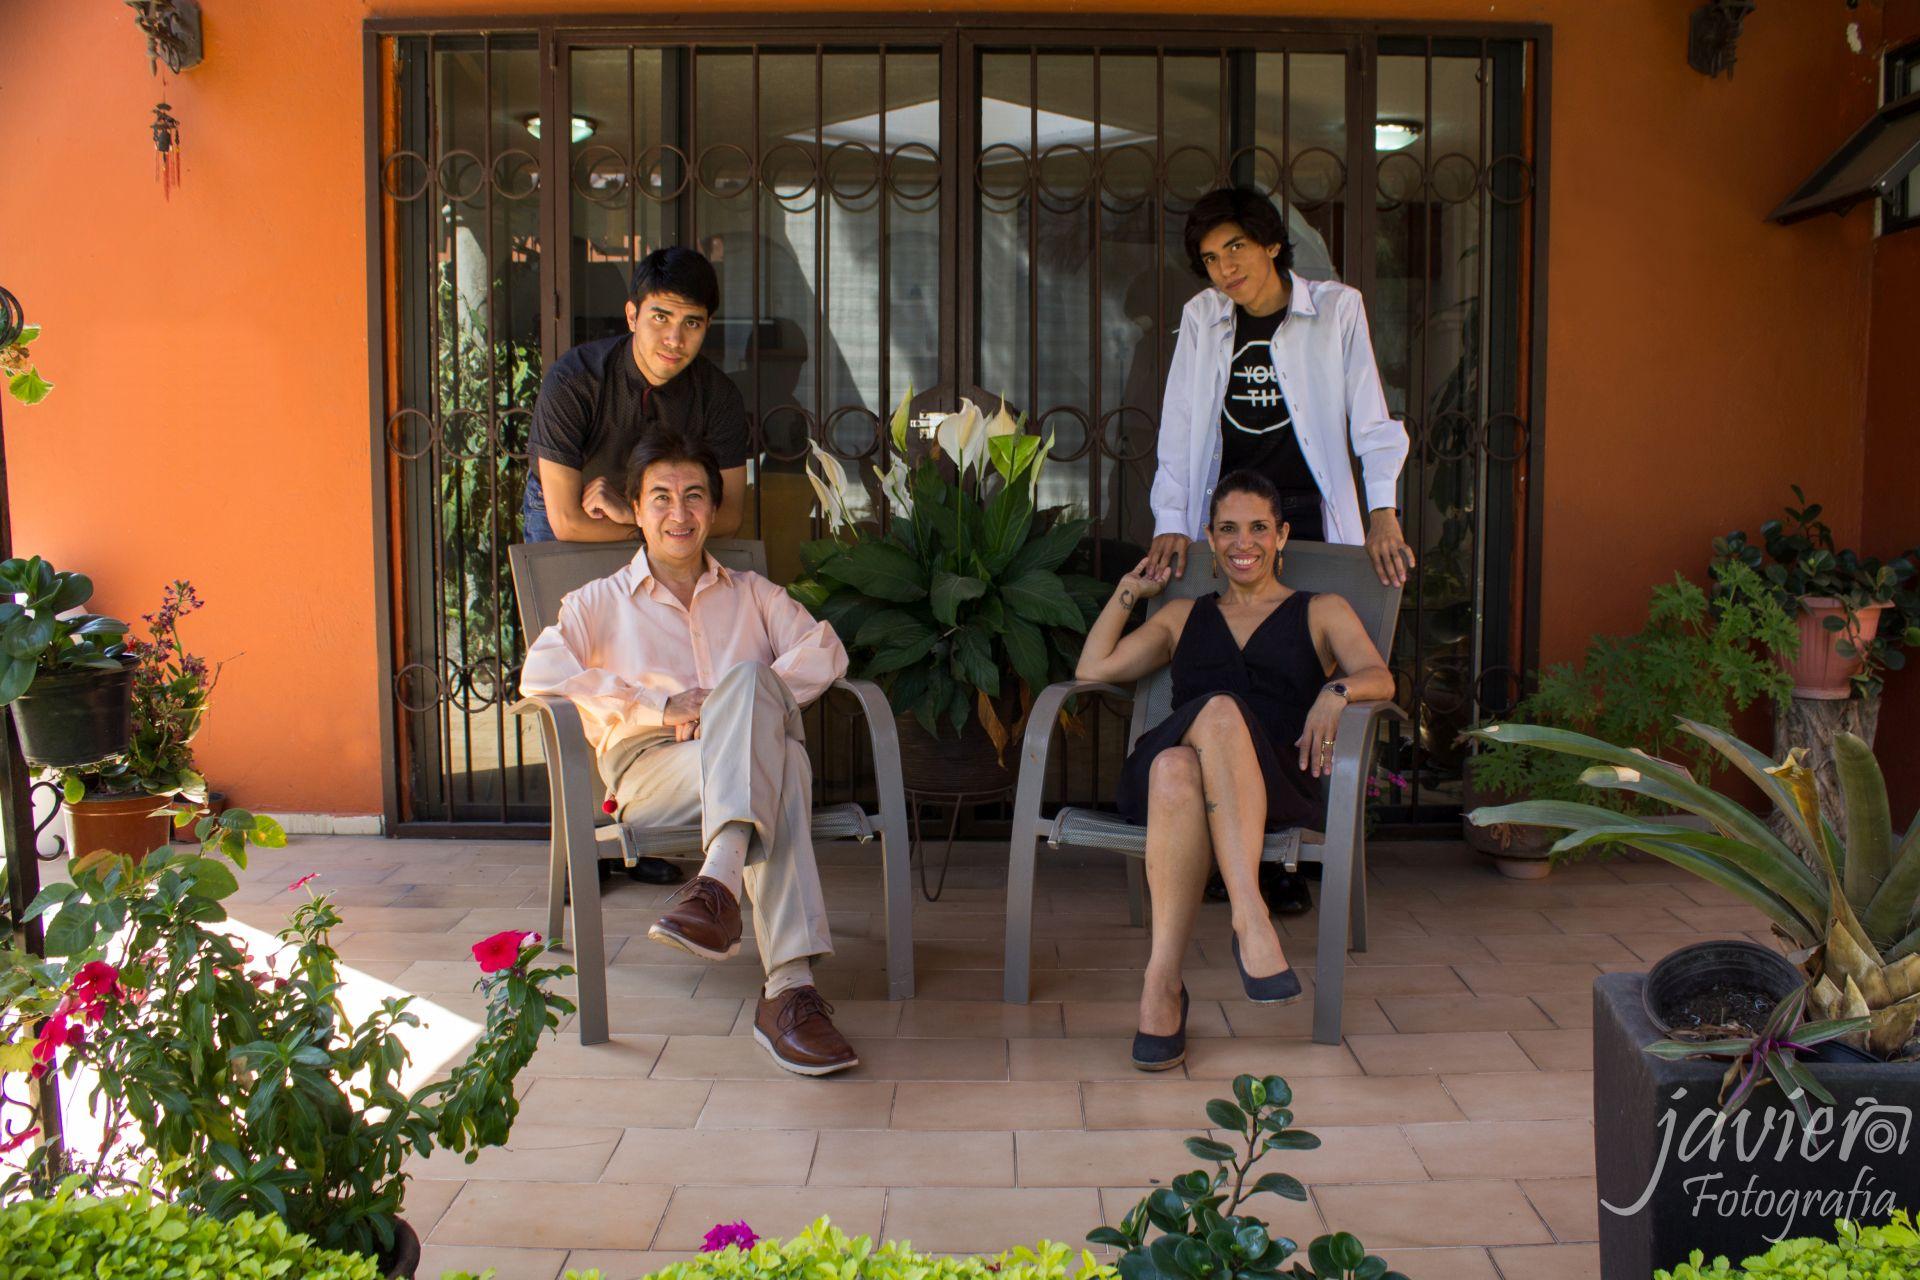 imagen-estudio-fotografico-cuernavaca-fotografo-sesion-familiar